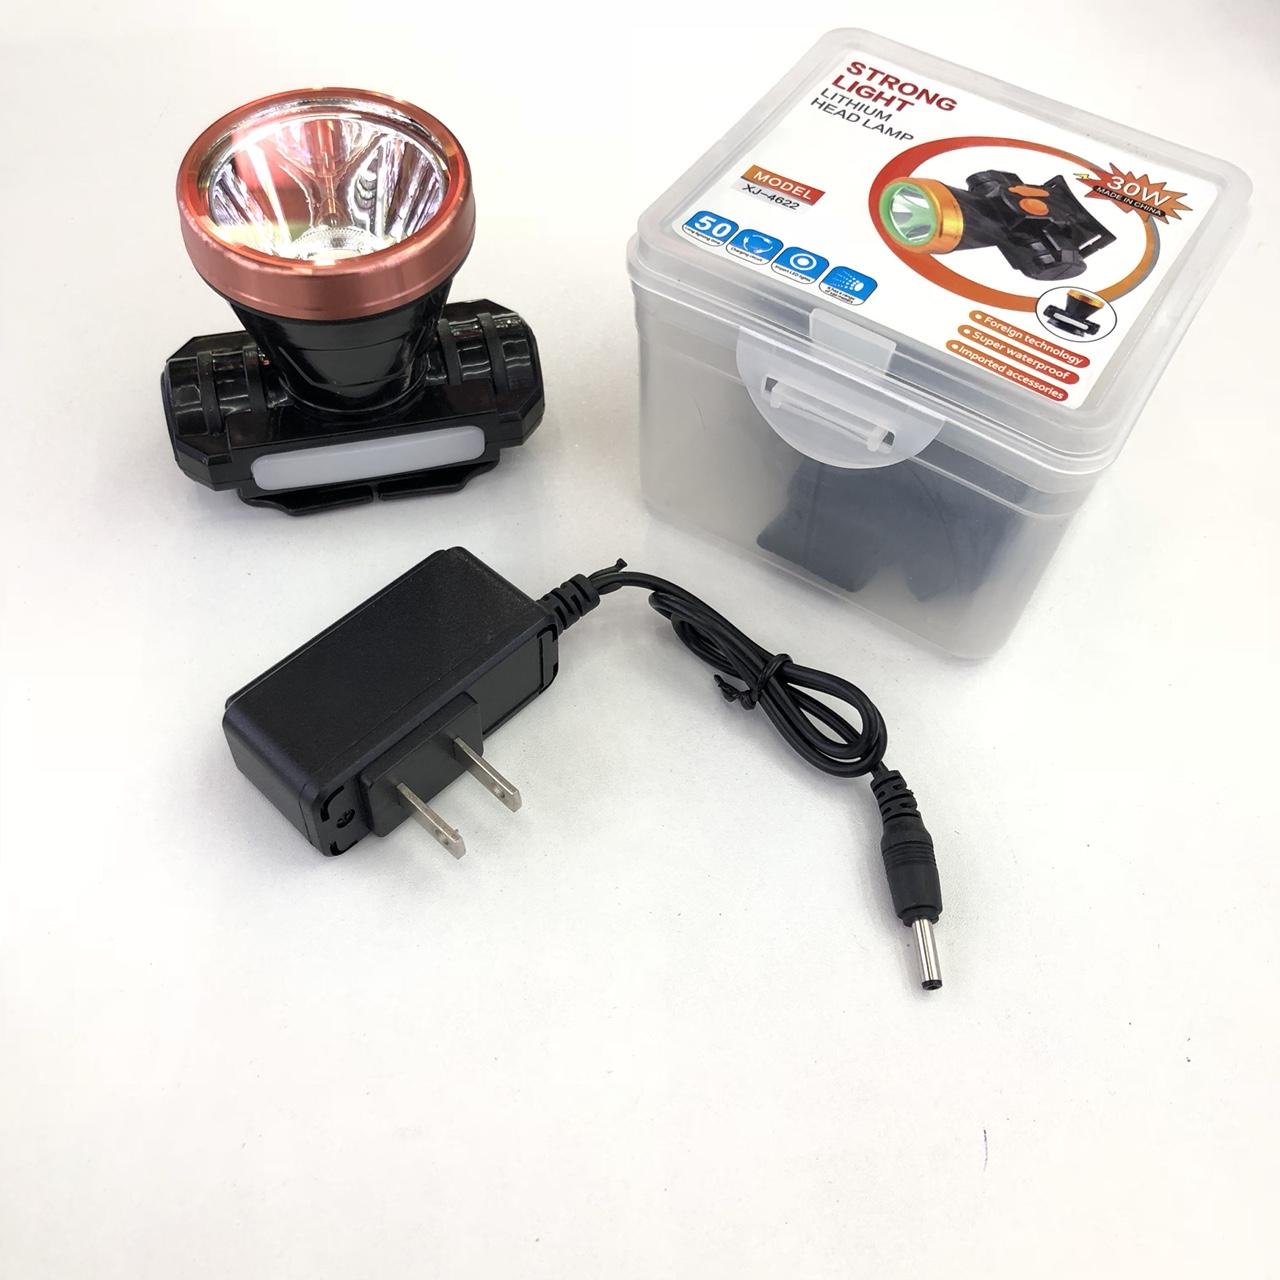 4622 户外防水充电头灯大功率锂电池手电筒强光头灯LED头戴式钓鱼头灯